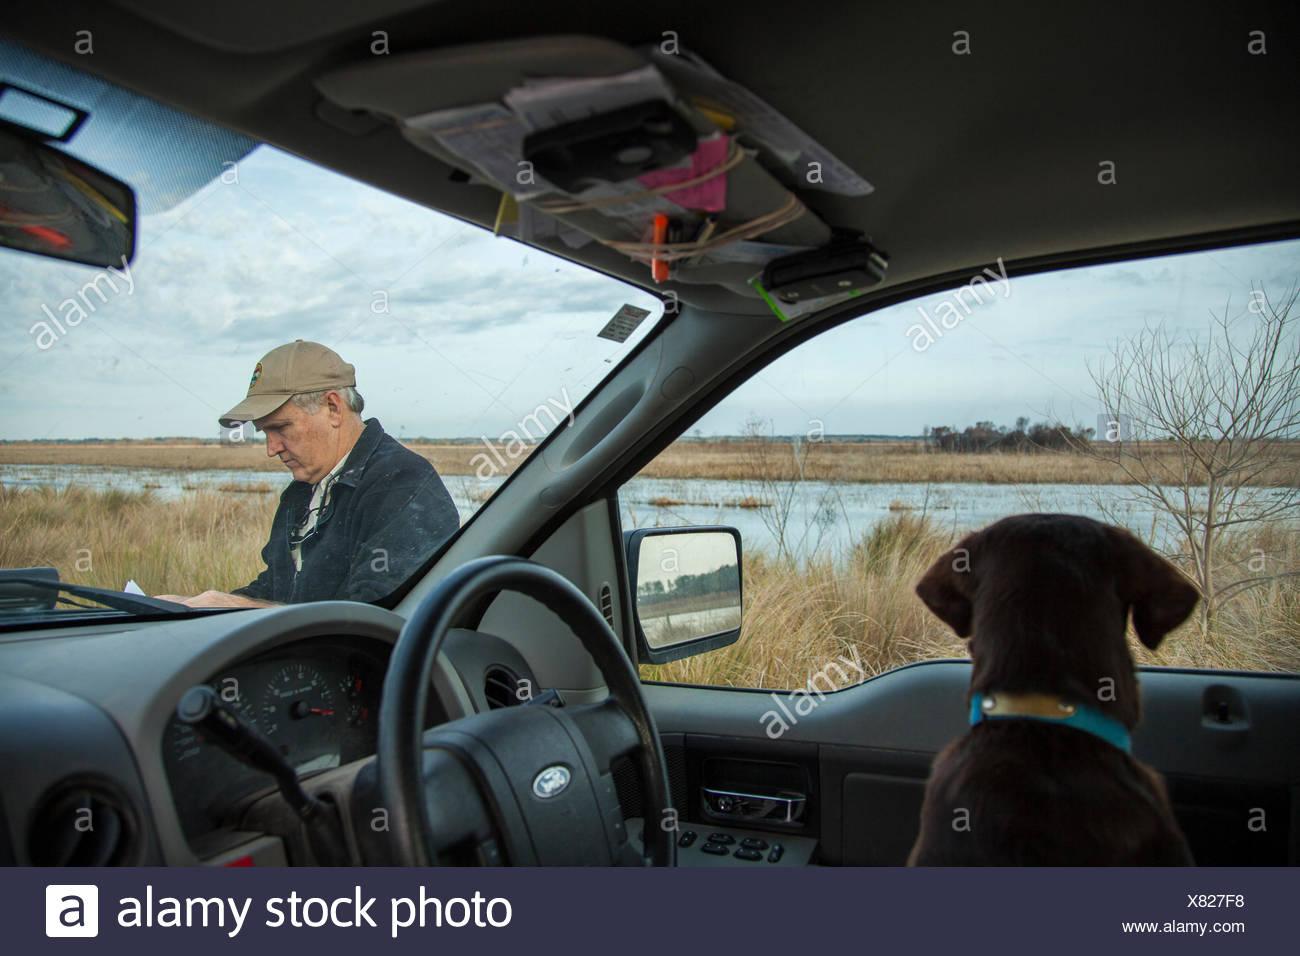 Un Labrador retriever orologi di un dipartimento di Risorse Naturali officer presso l'Orso Island Wildlife Management Area. Immagini Stock